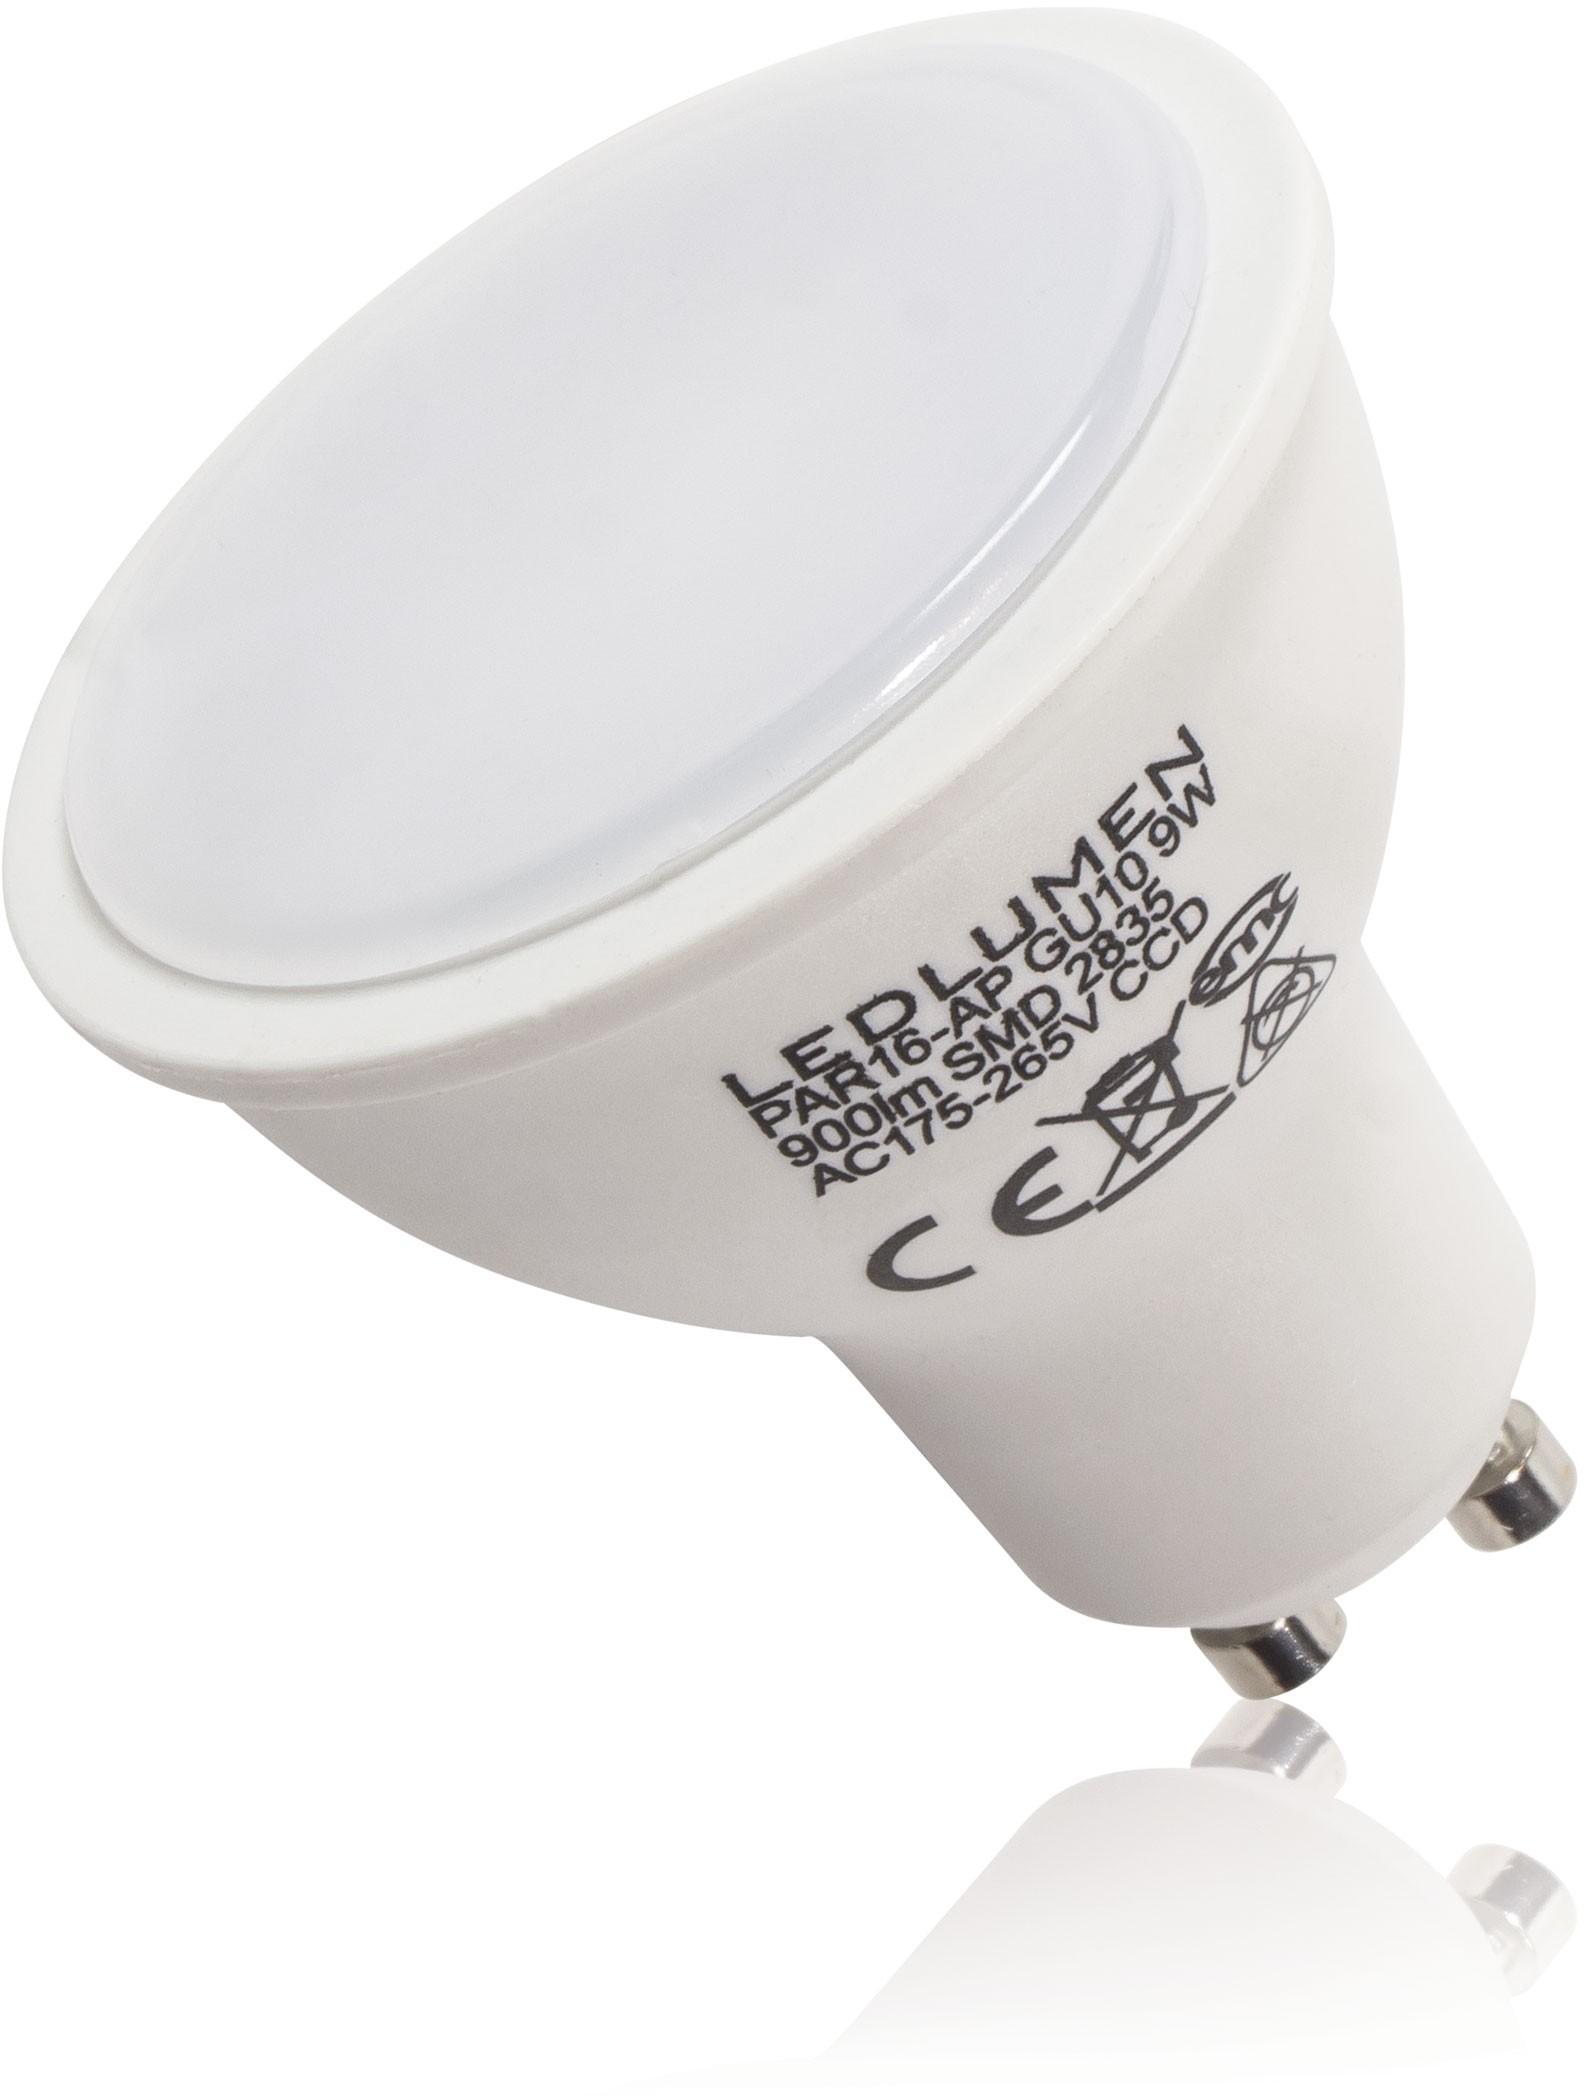 LEDlumen Żarówki LED GU10 9W 900 lm 251090221